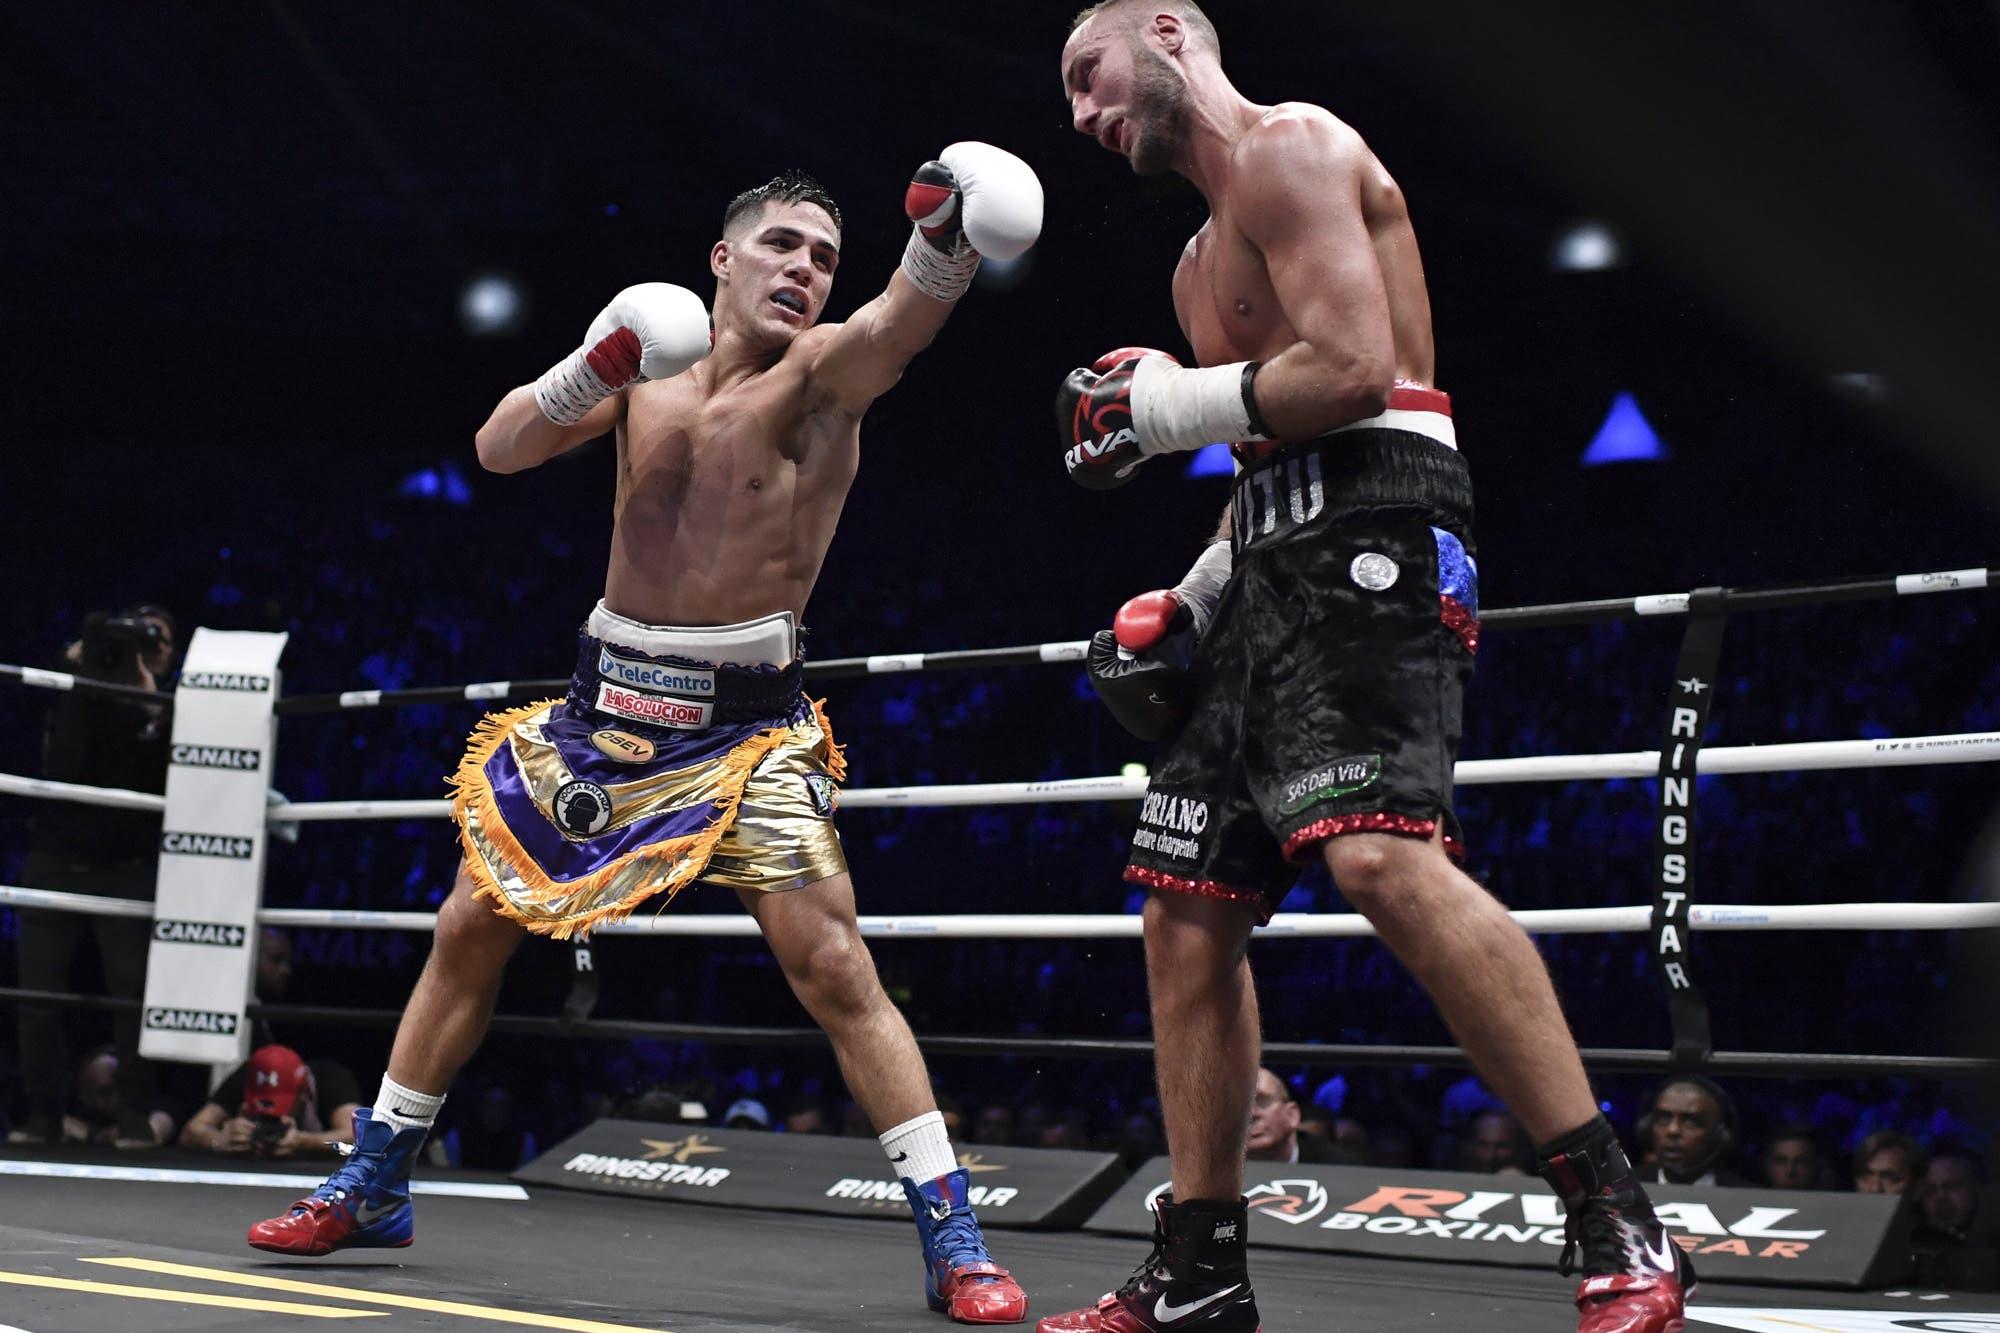 Las claves para ver la defensa del título de Castaño, el único campeón mundial de boxeo que tiene la Argentina en la actualidad